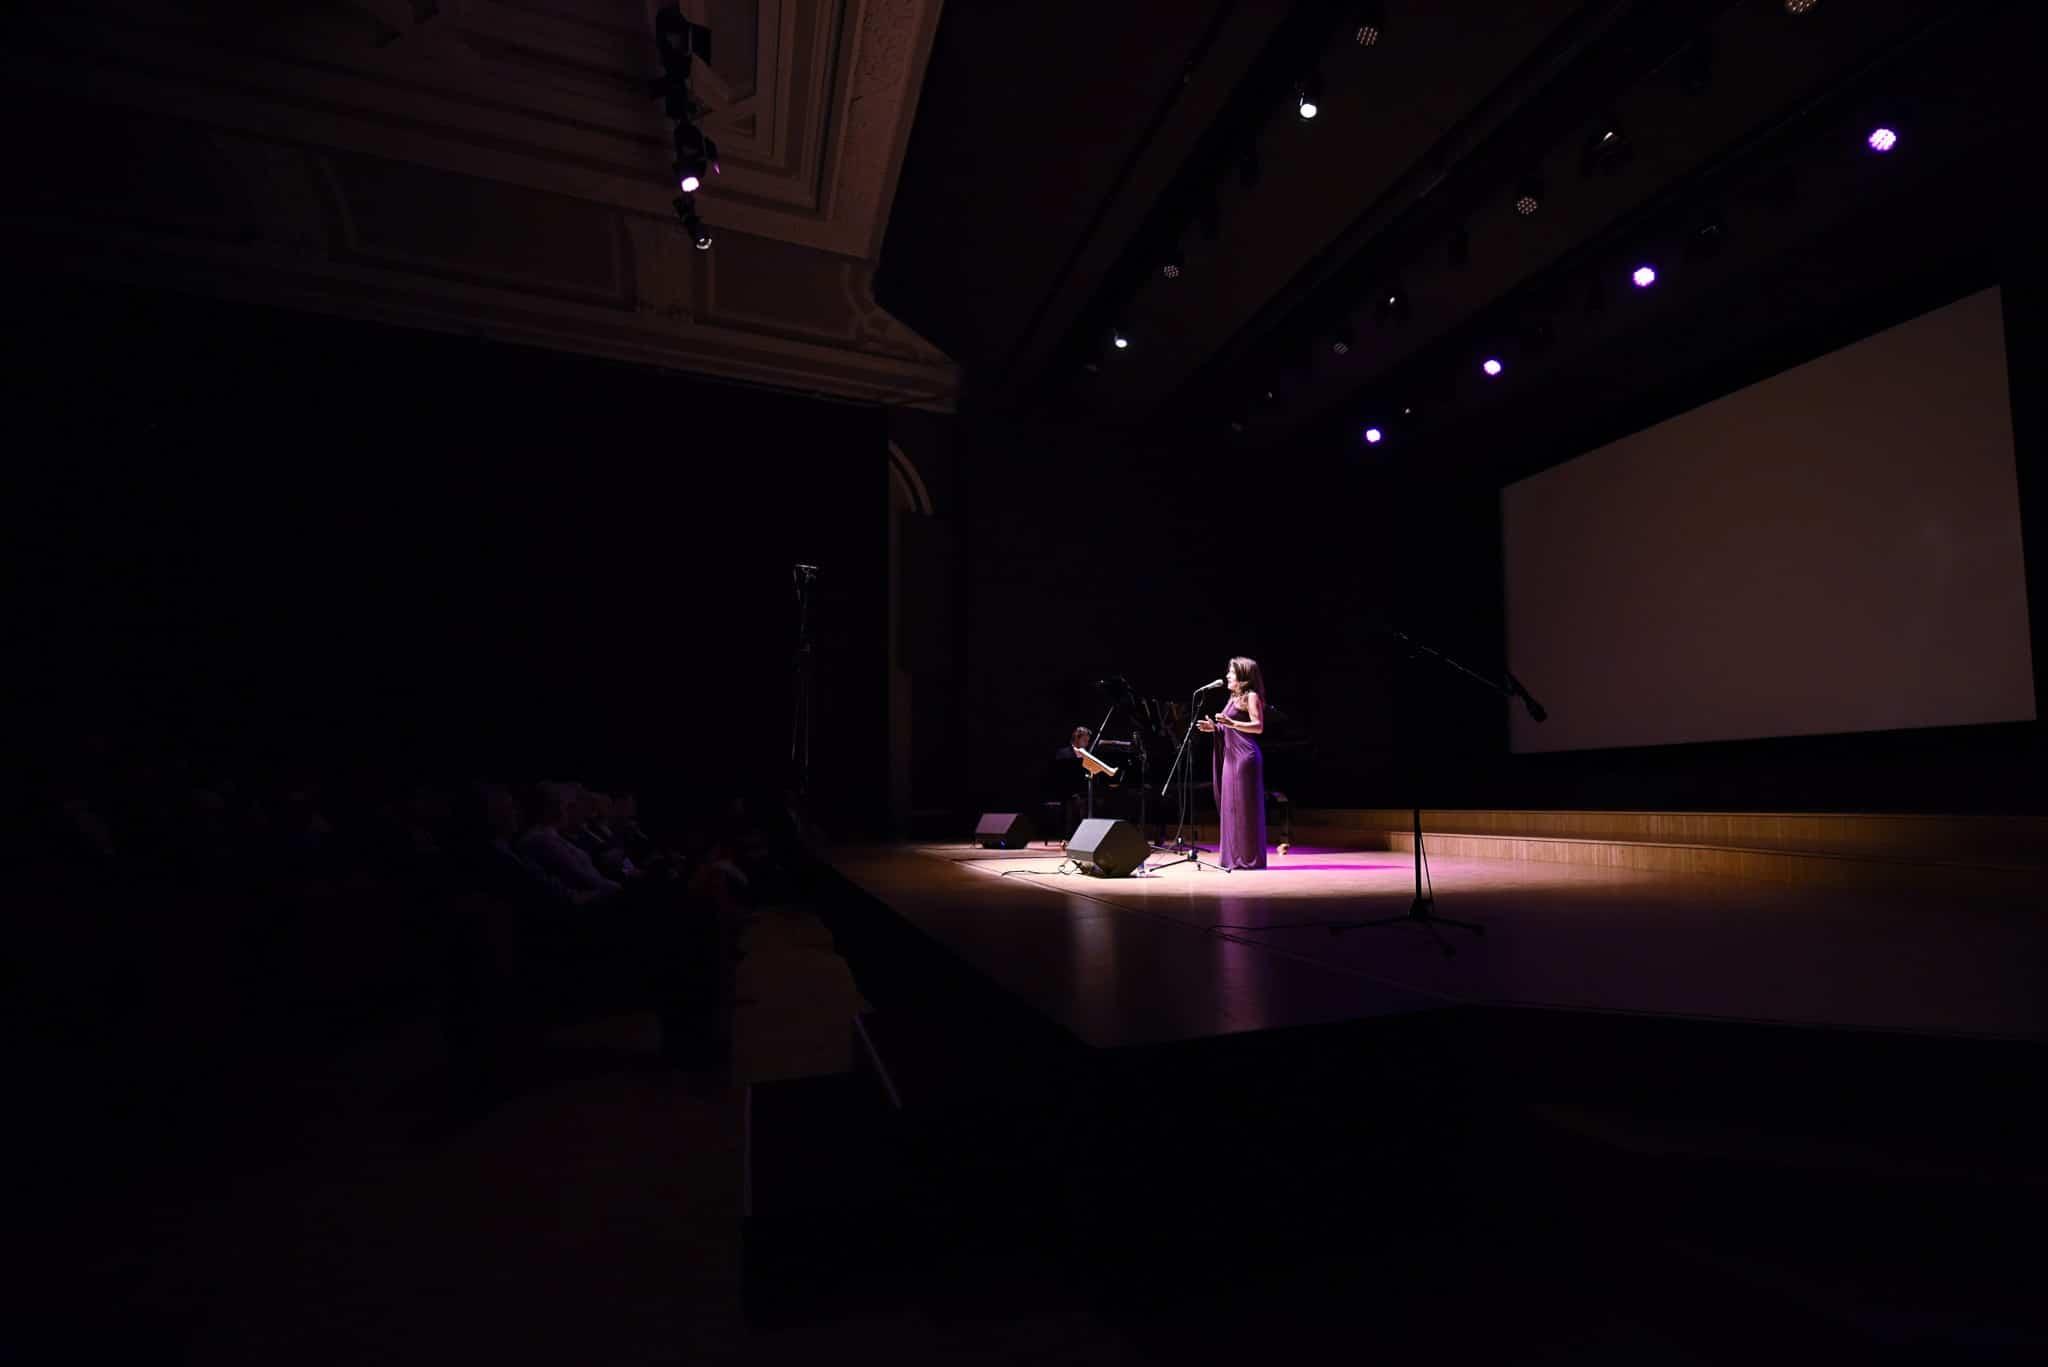 shooting-photo-lausanne-photographe-concert-evenement-01